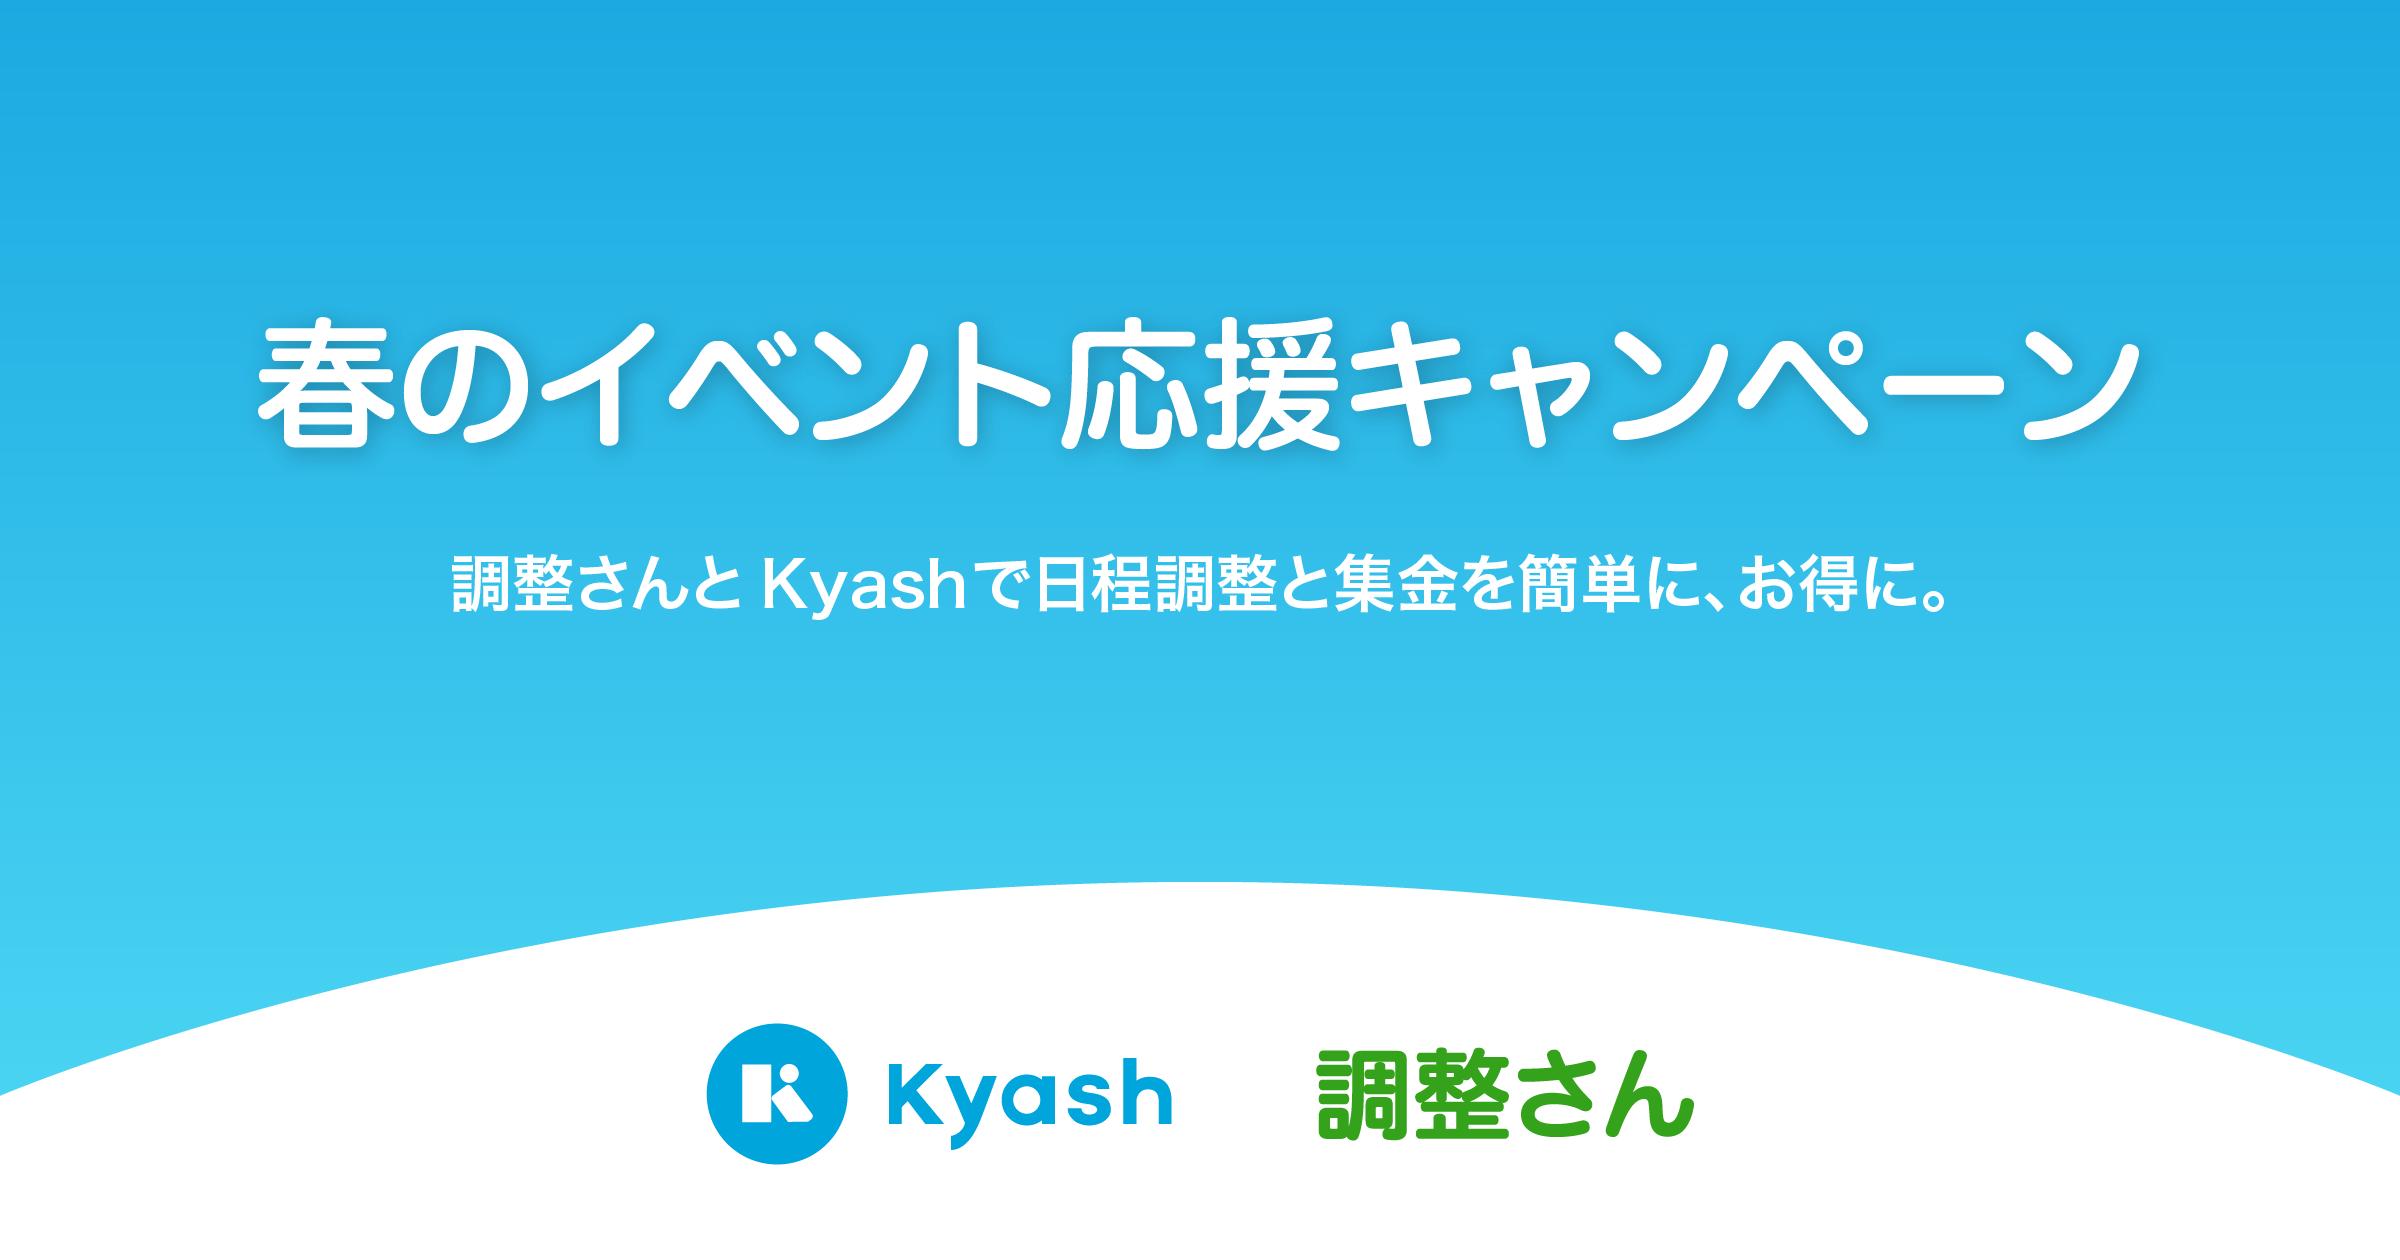 Kyashコラボレーション